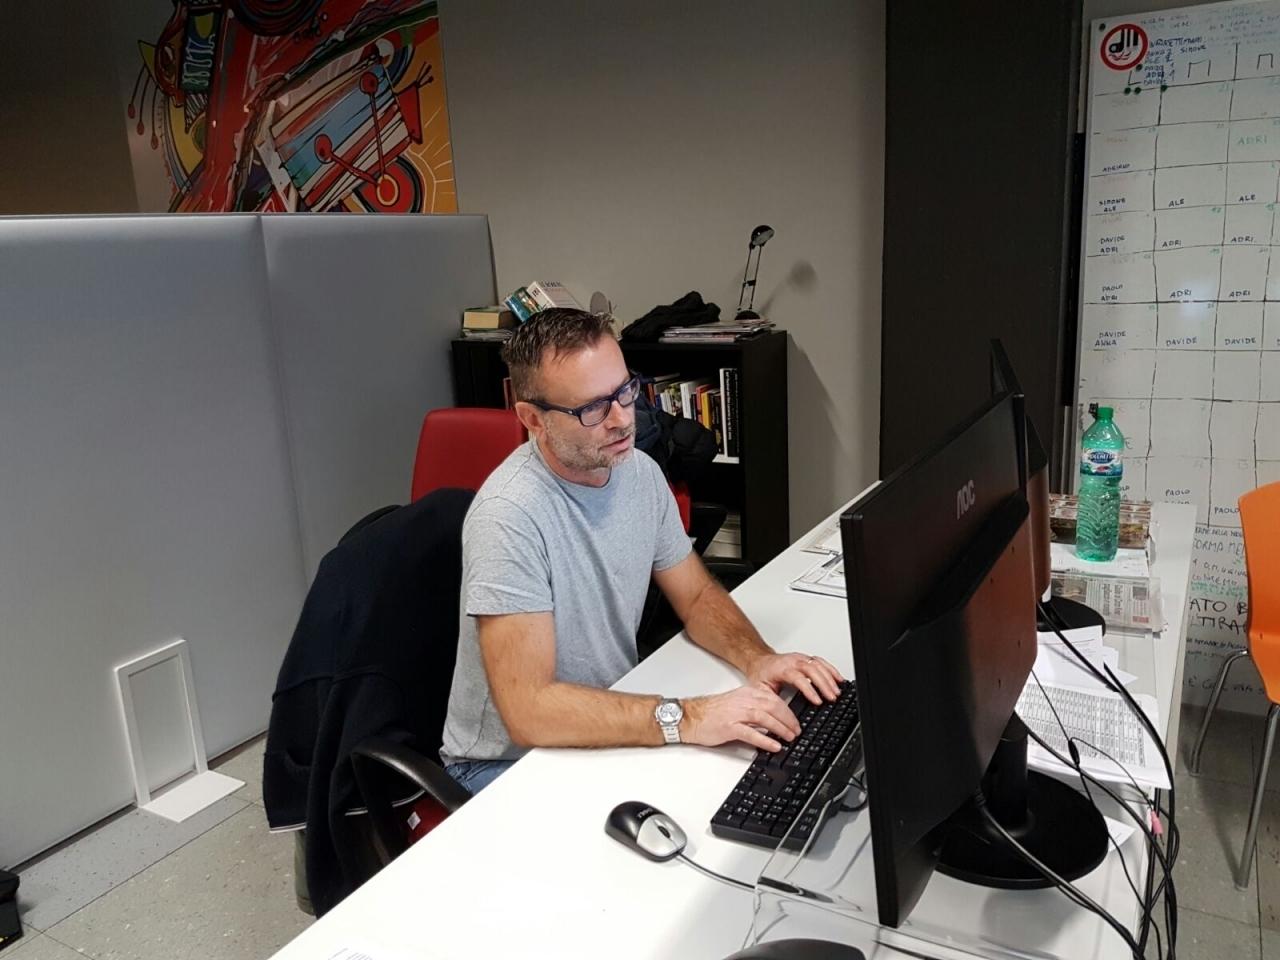 Ufficio Lavoro Ticino : Sempre più italiani trovano lavoro in svizzera